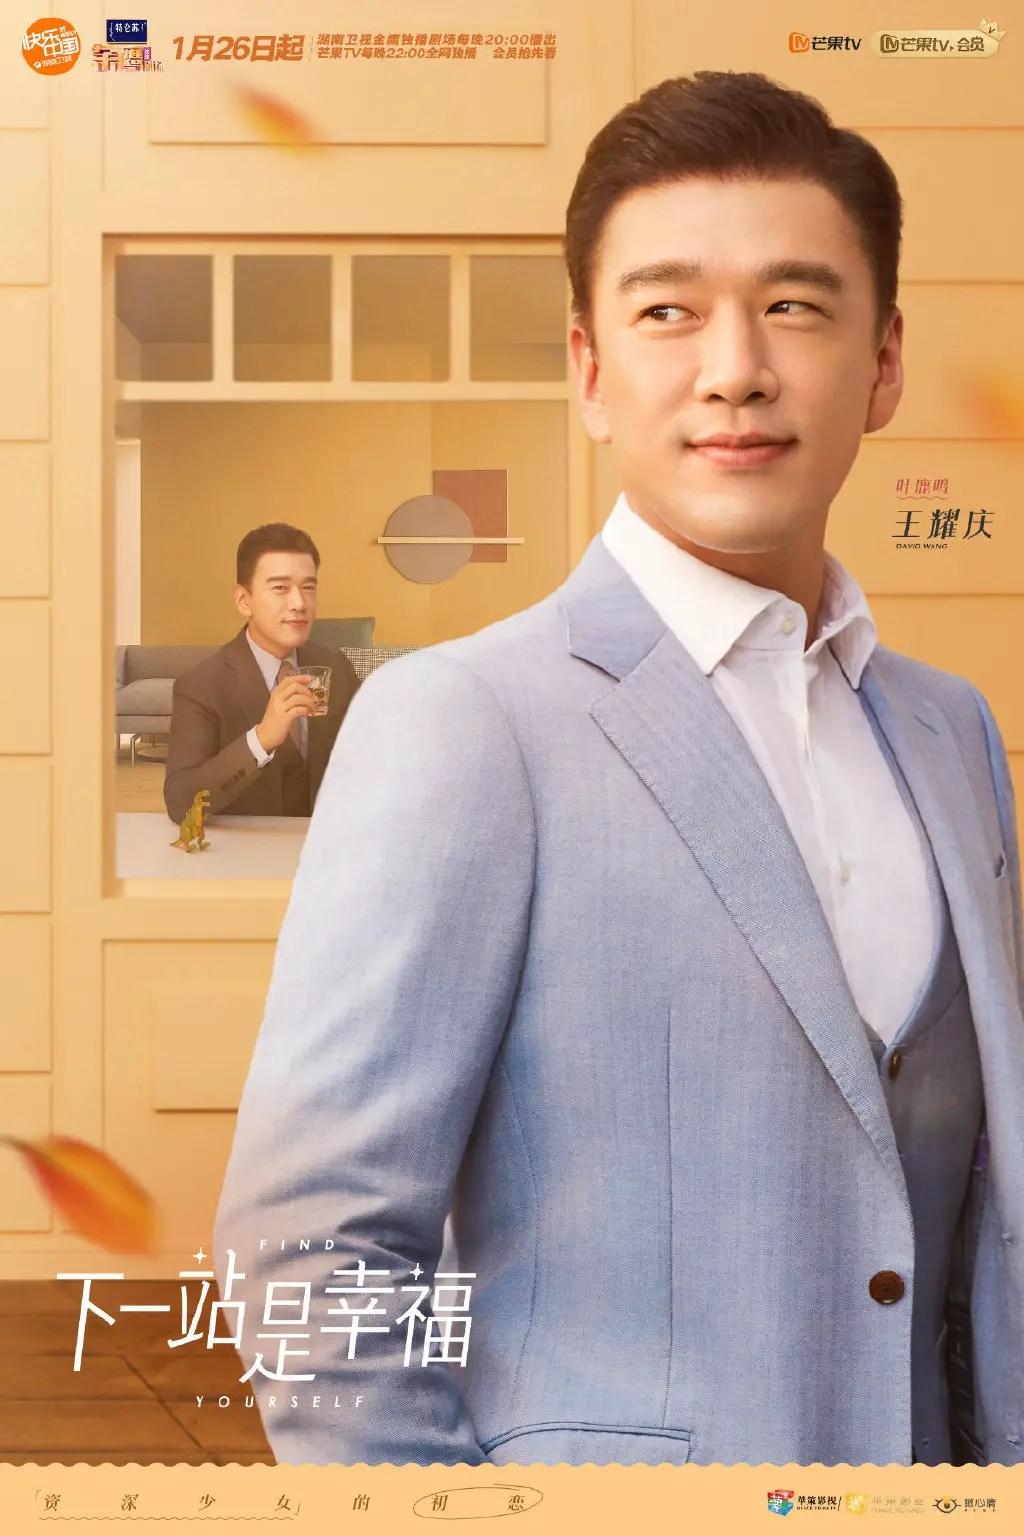 Wang Yao Qing